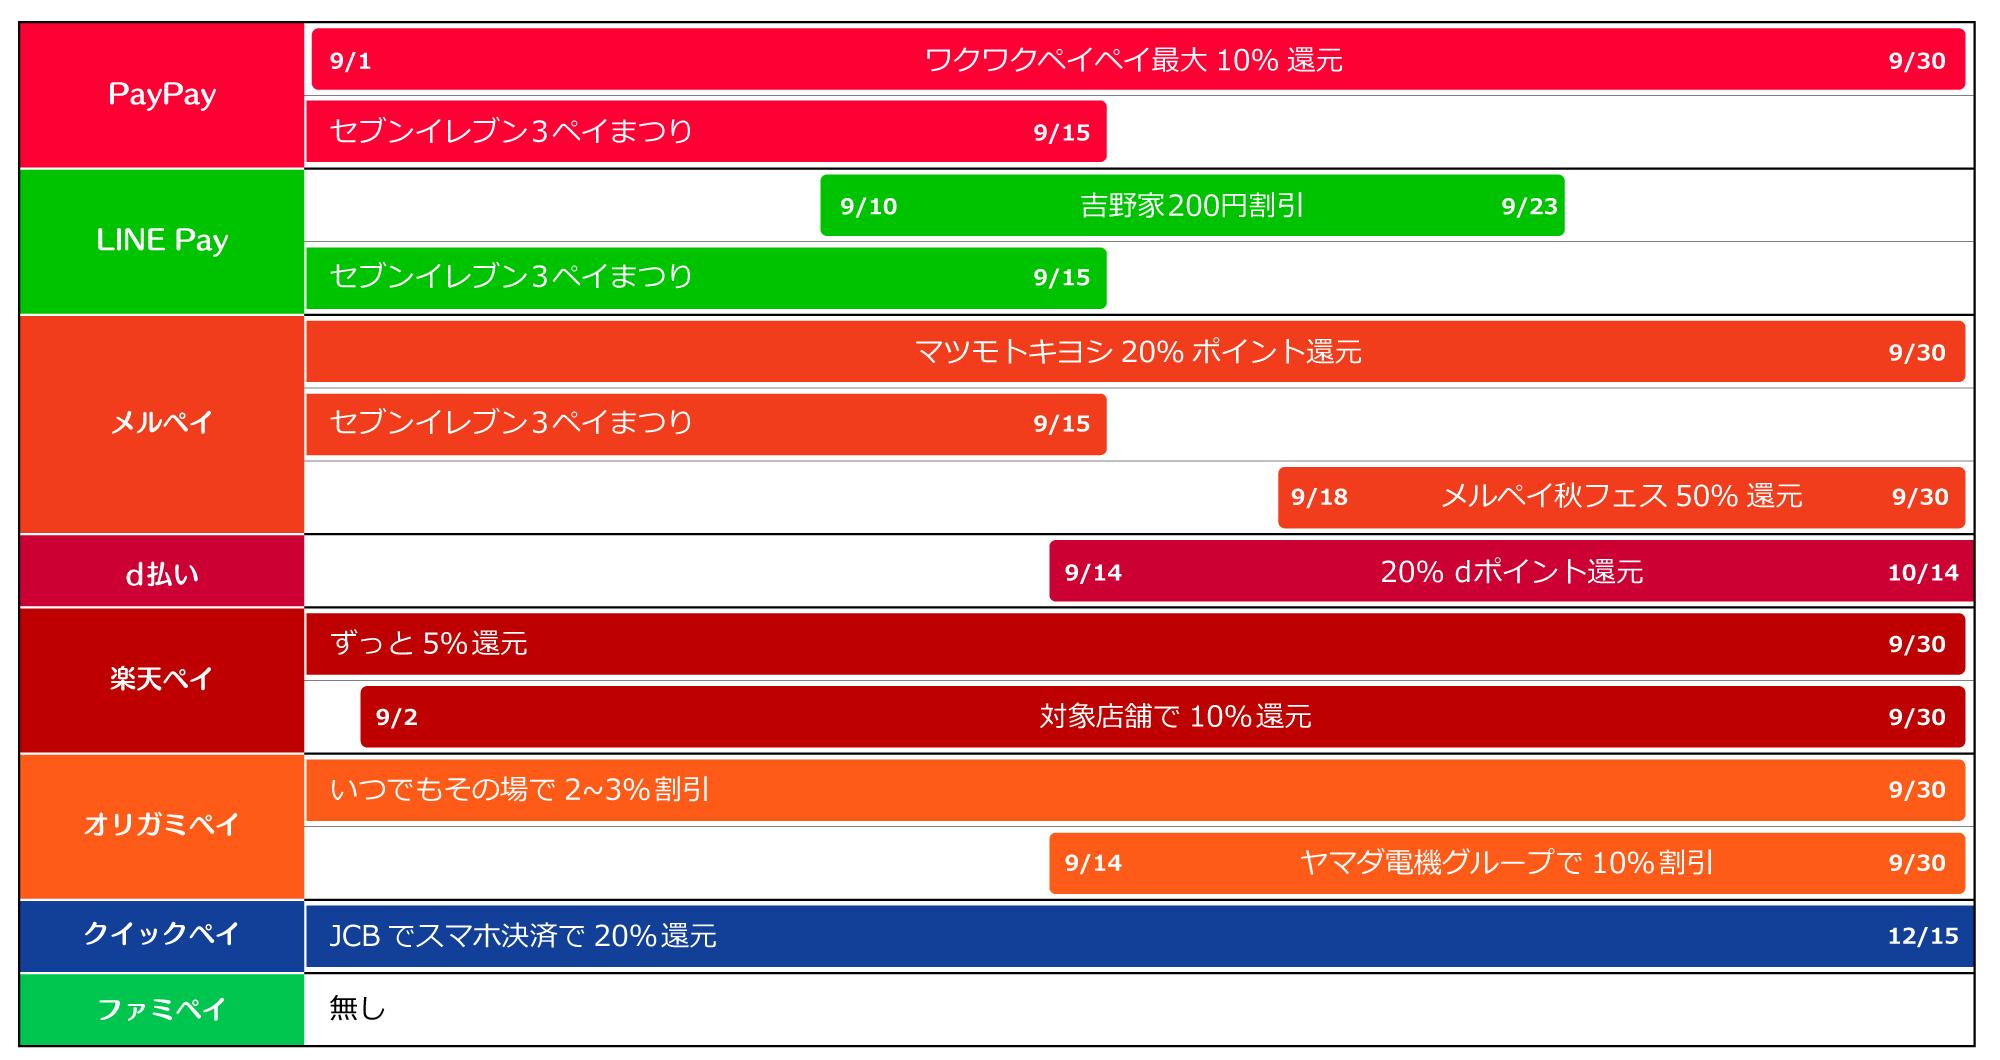 9月のスマホ・キャッシュレス決済キャンペーンスケジュール